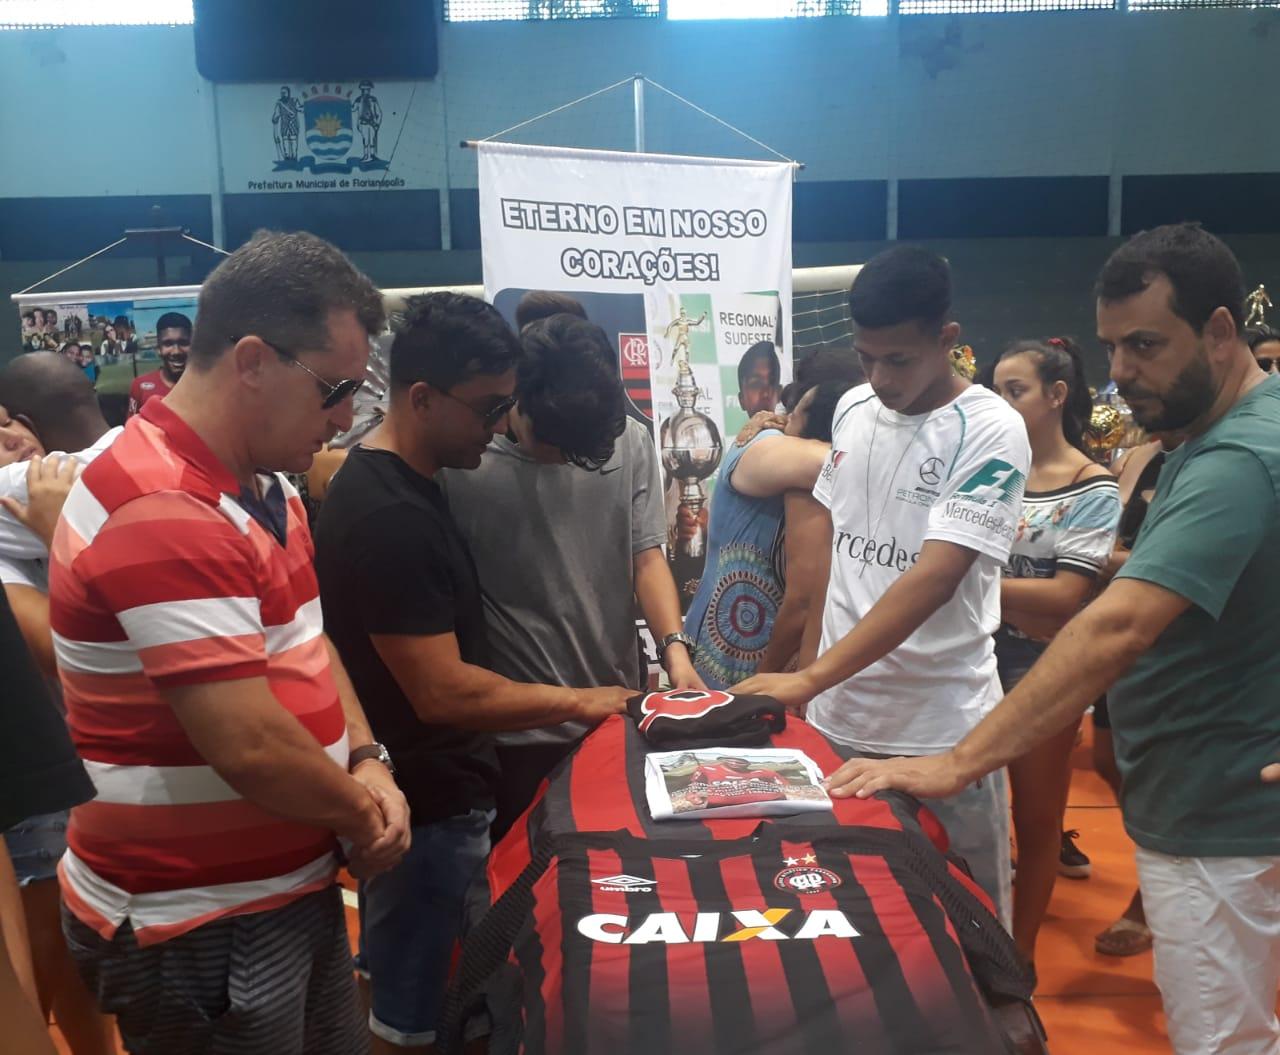 Vitor Isaías foi velado na manhã deste domingo (10) no Ginásio Carlos Alberto Campos em Florianópolis   Foto Ewaldo Willerding/OCPNews